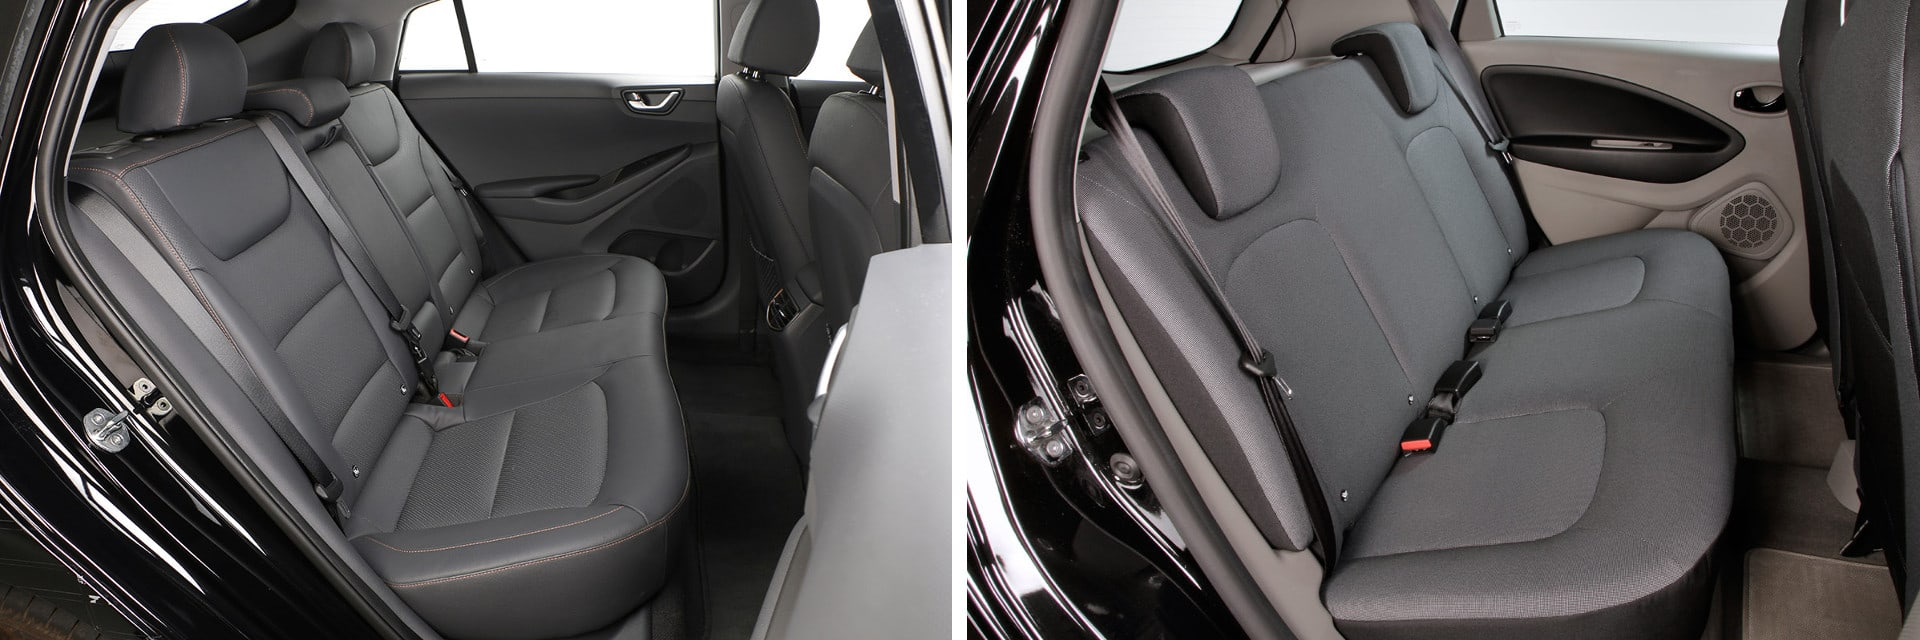 El IONIQ (izq.) tiene más espacio interior en las plazas traseras que el Renault ZOE (dcha.)